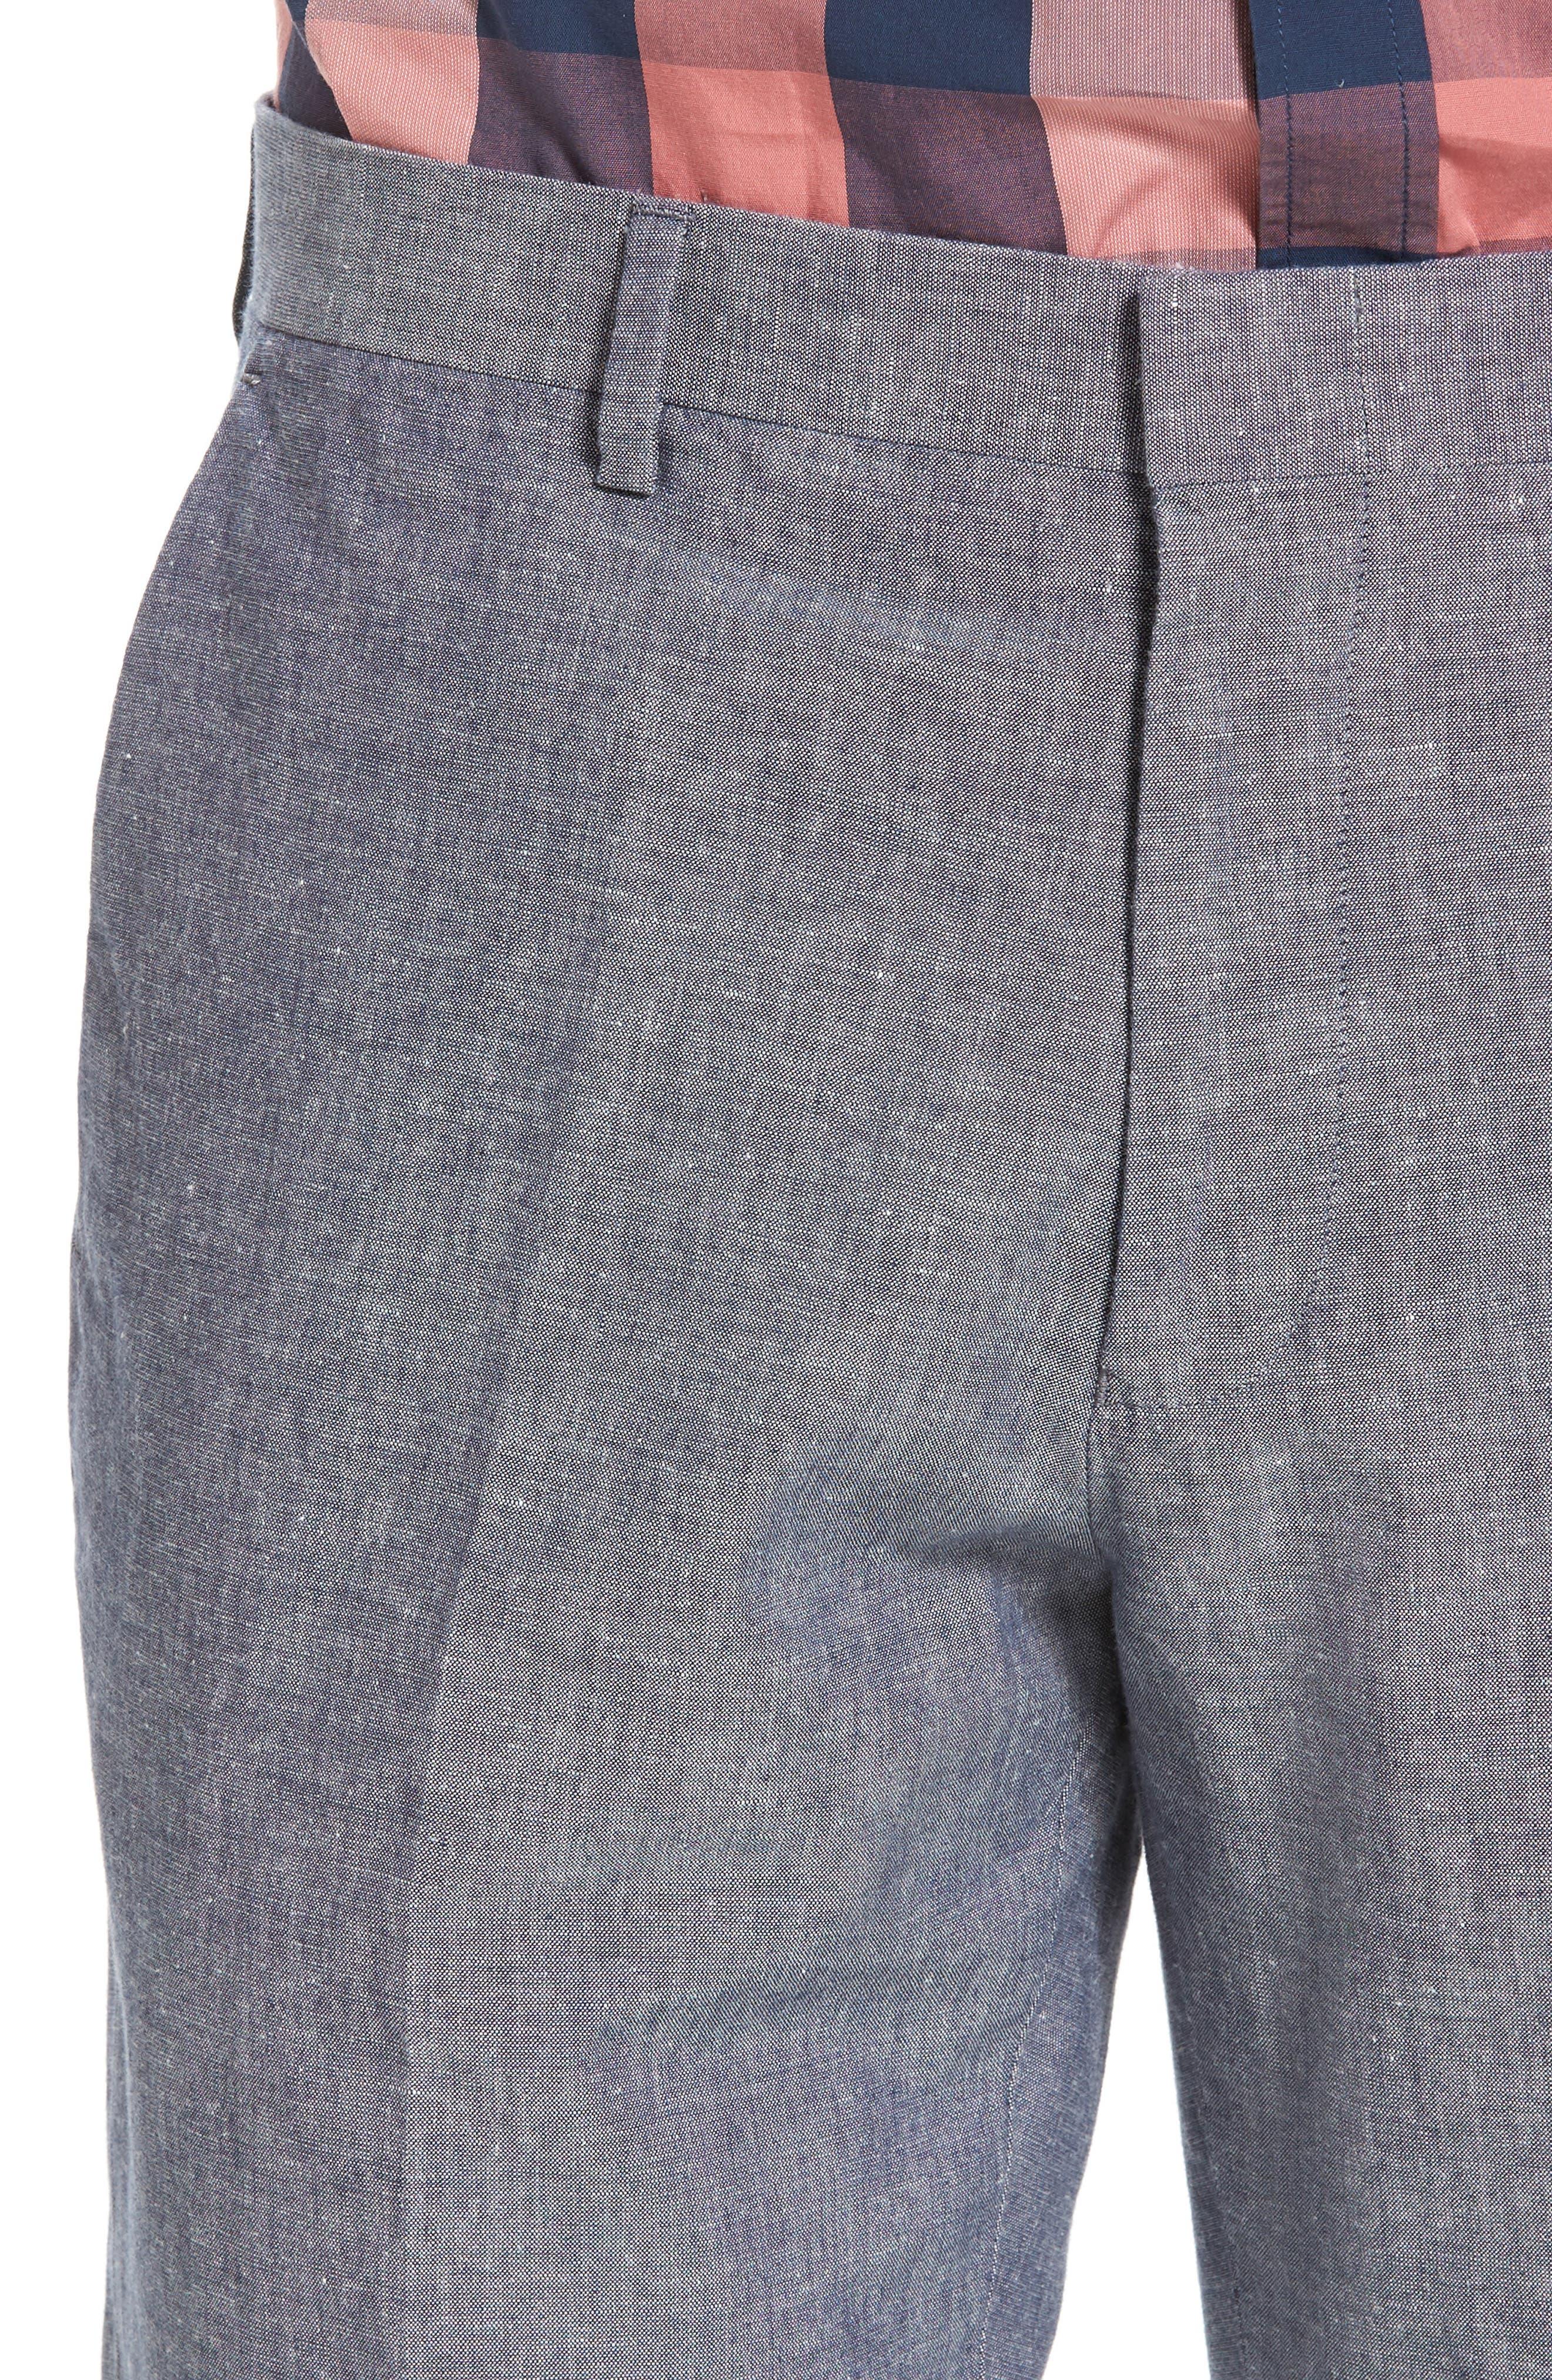 Ludlow Trim Fit Cotton & Linen Suit Pants,                             Alternate thumbnail 4, color,